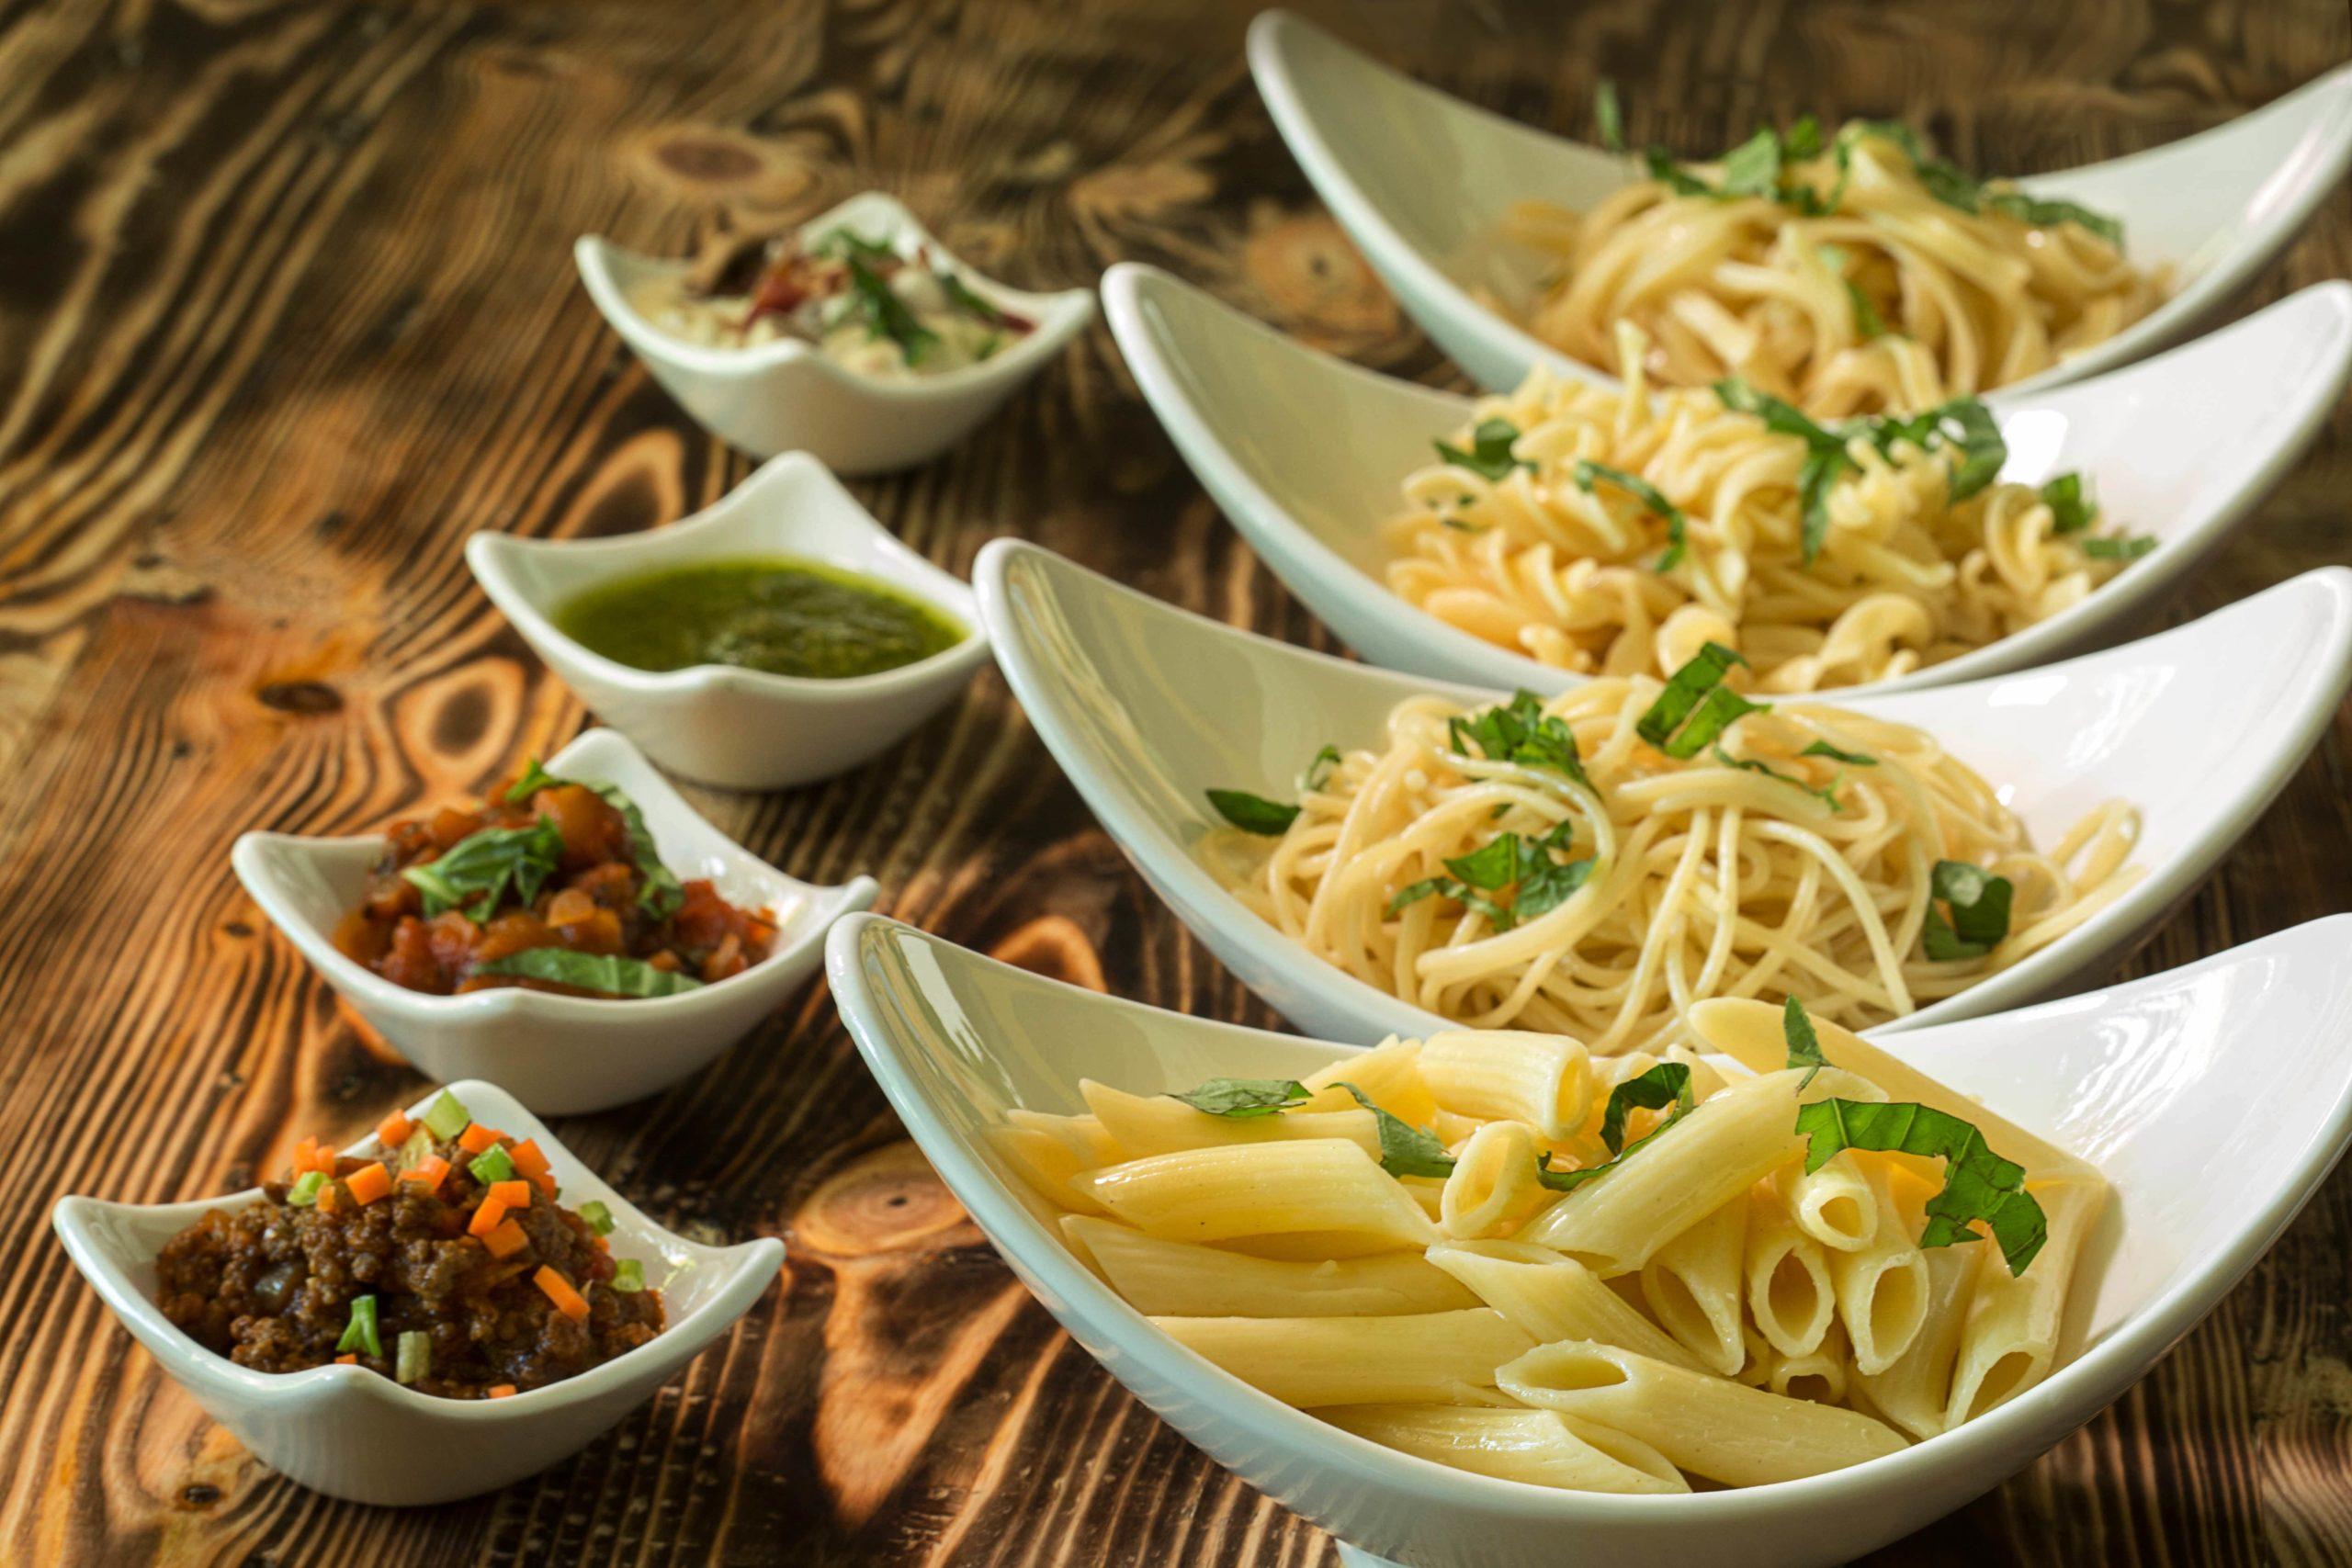 Food Photos1-min